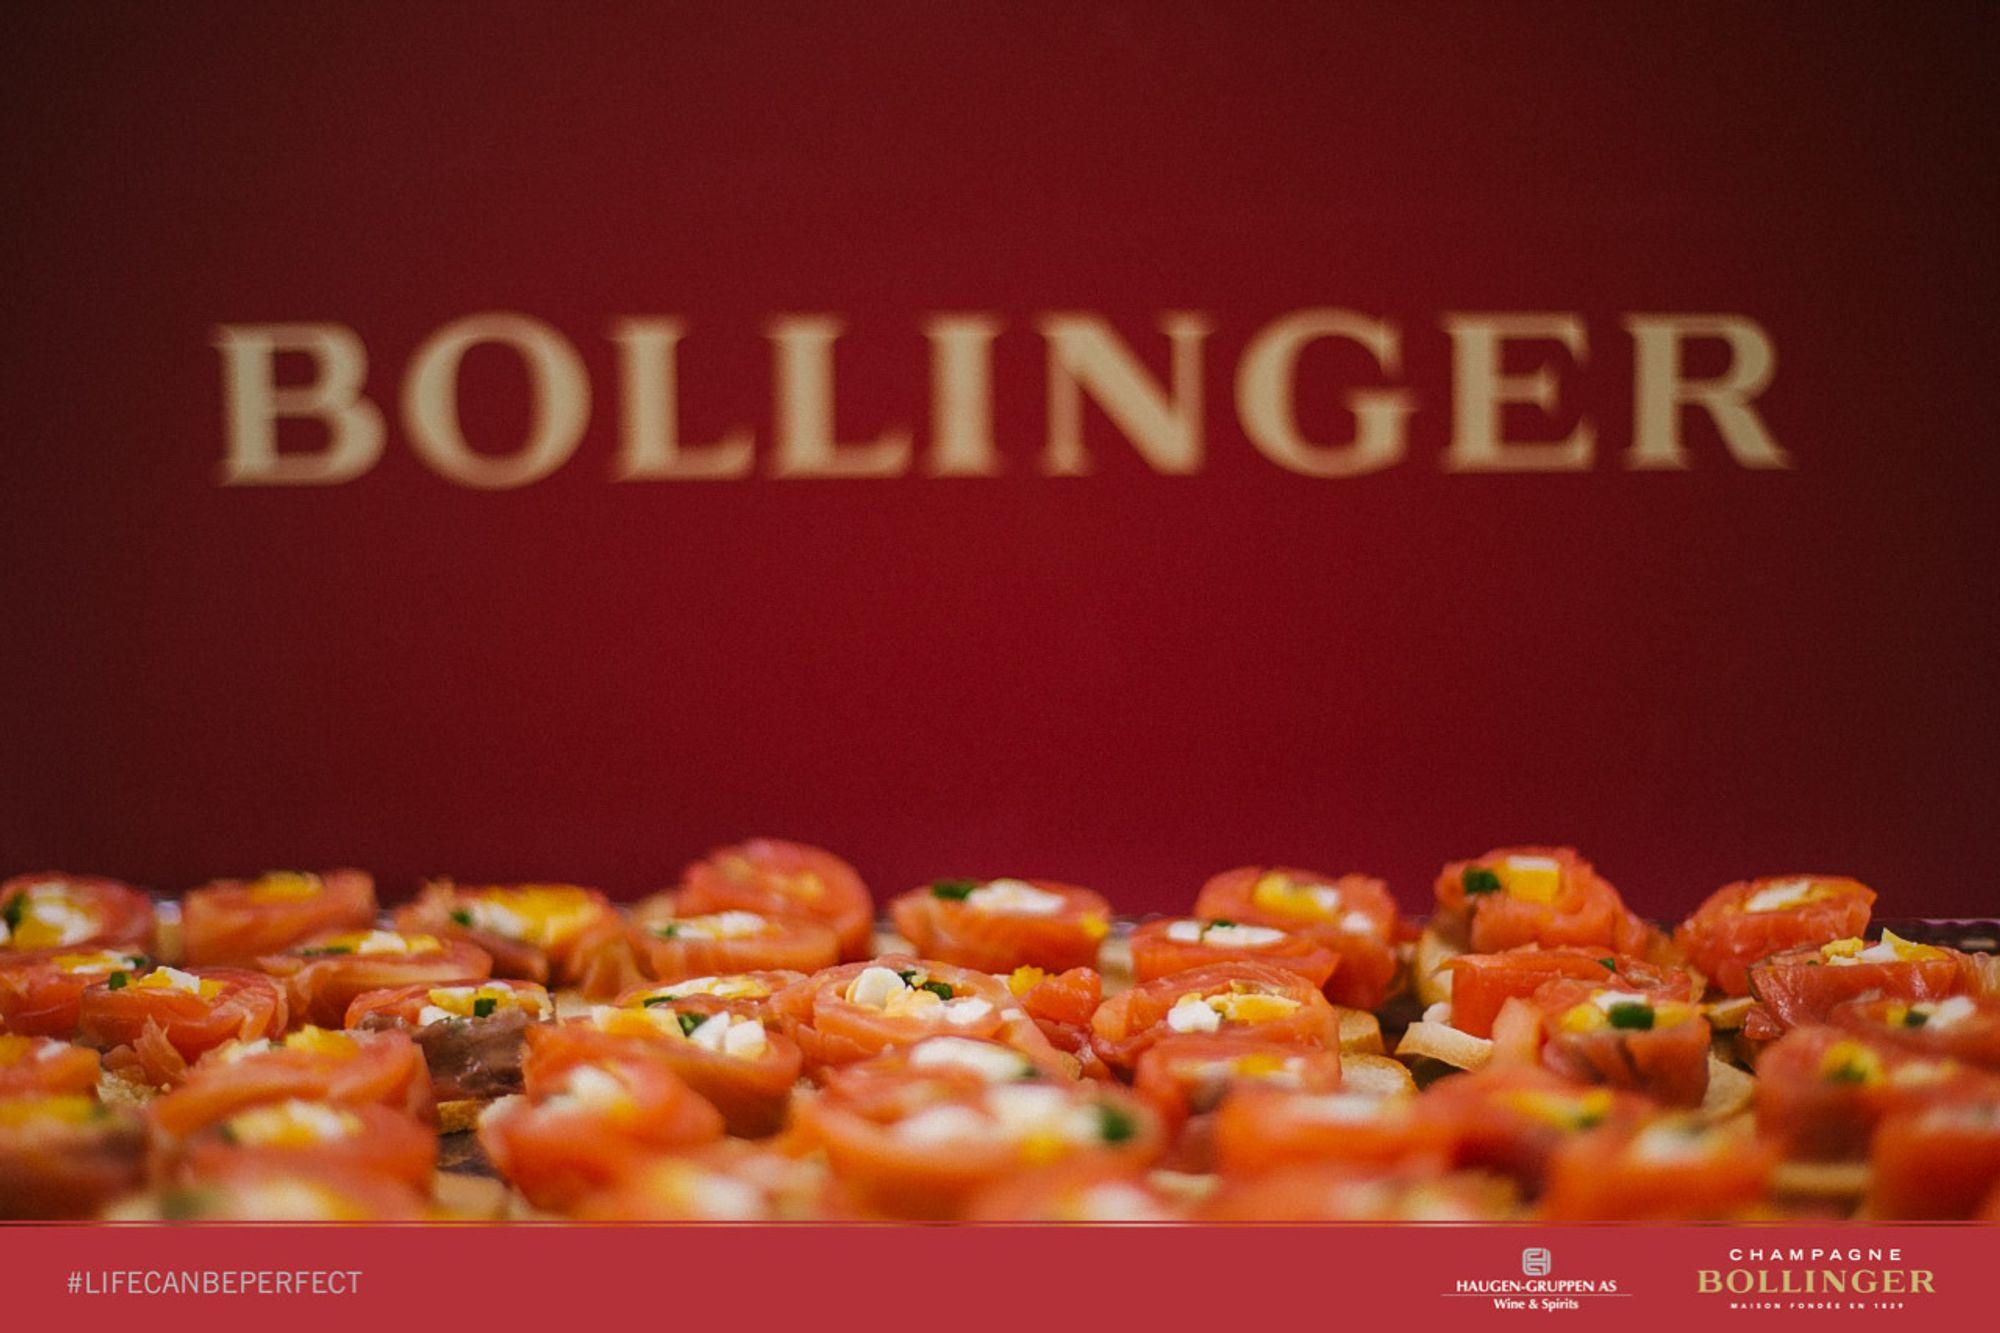 LEGENDARISK: Bollinger er viden kjent for god kvalitet. Og koblingen til en viss engelsk spion...